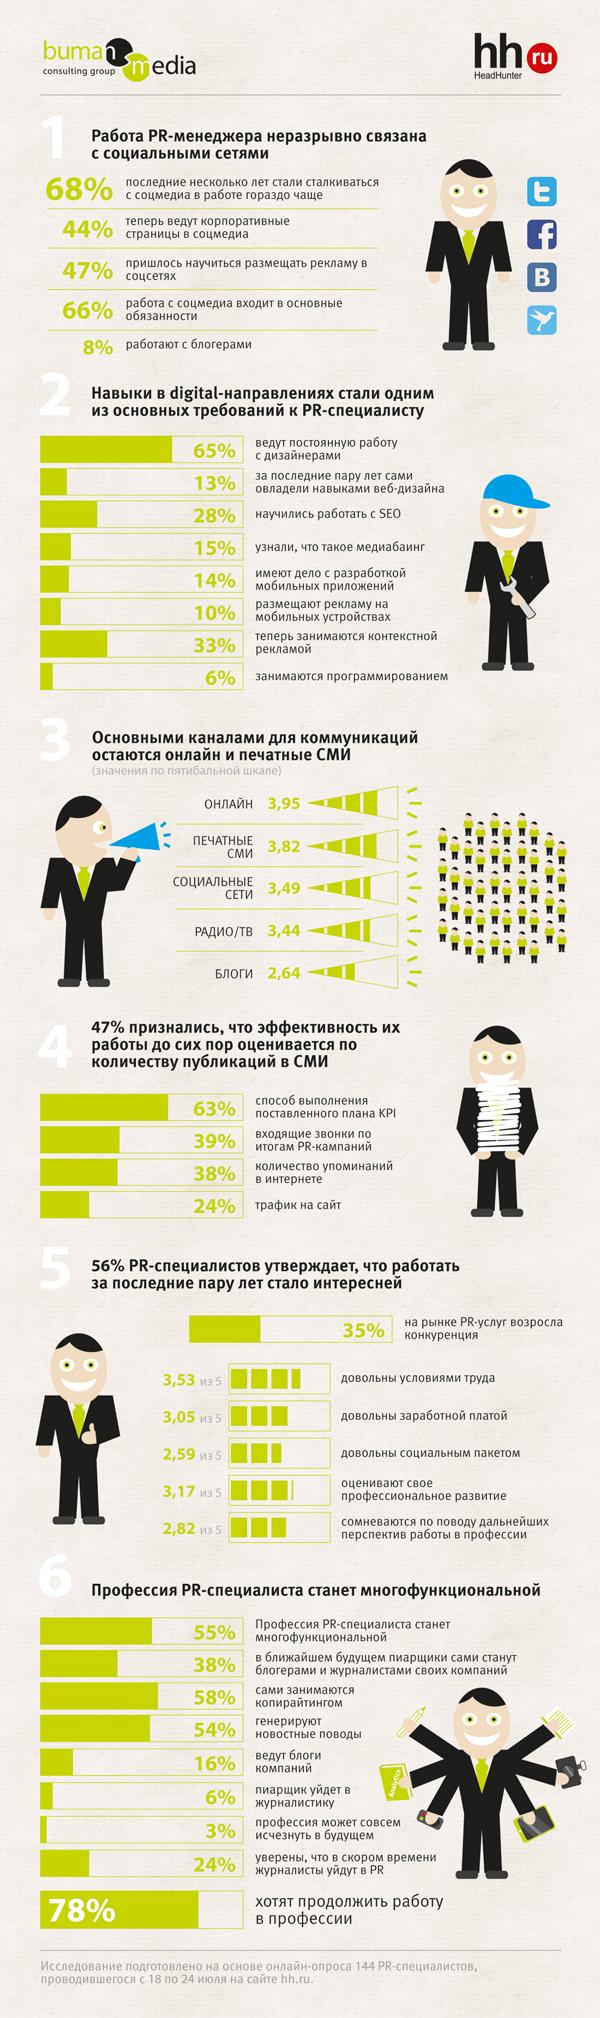 Современный PR-специалист на 44% блогер, на 13% веб-дизайнер и на 6% программист